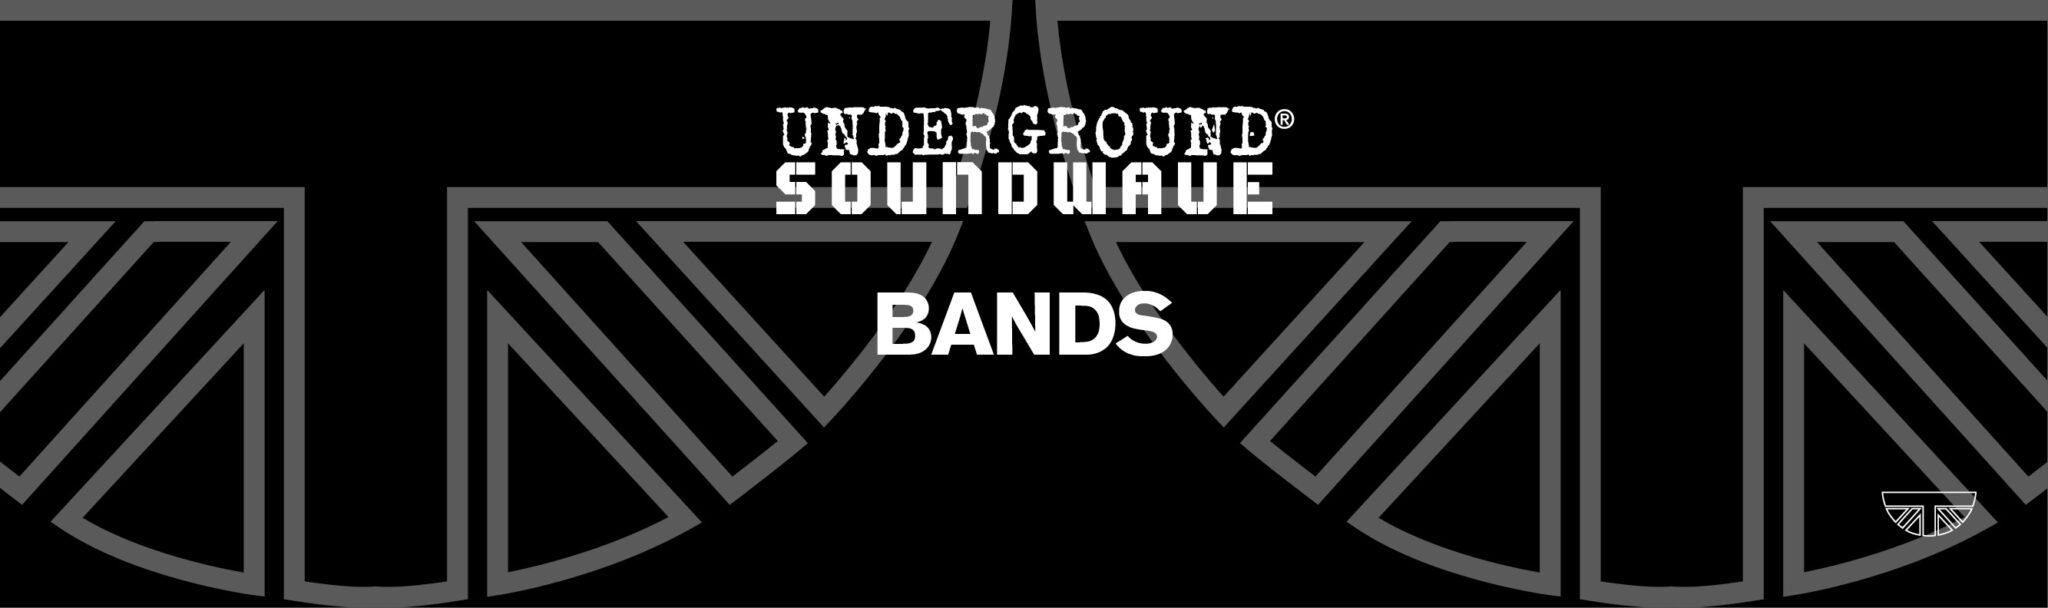 Underground Soundwave Bands Banner